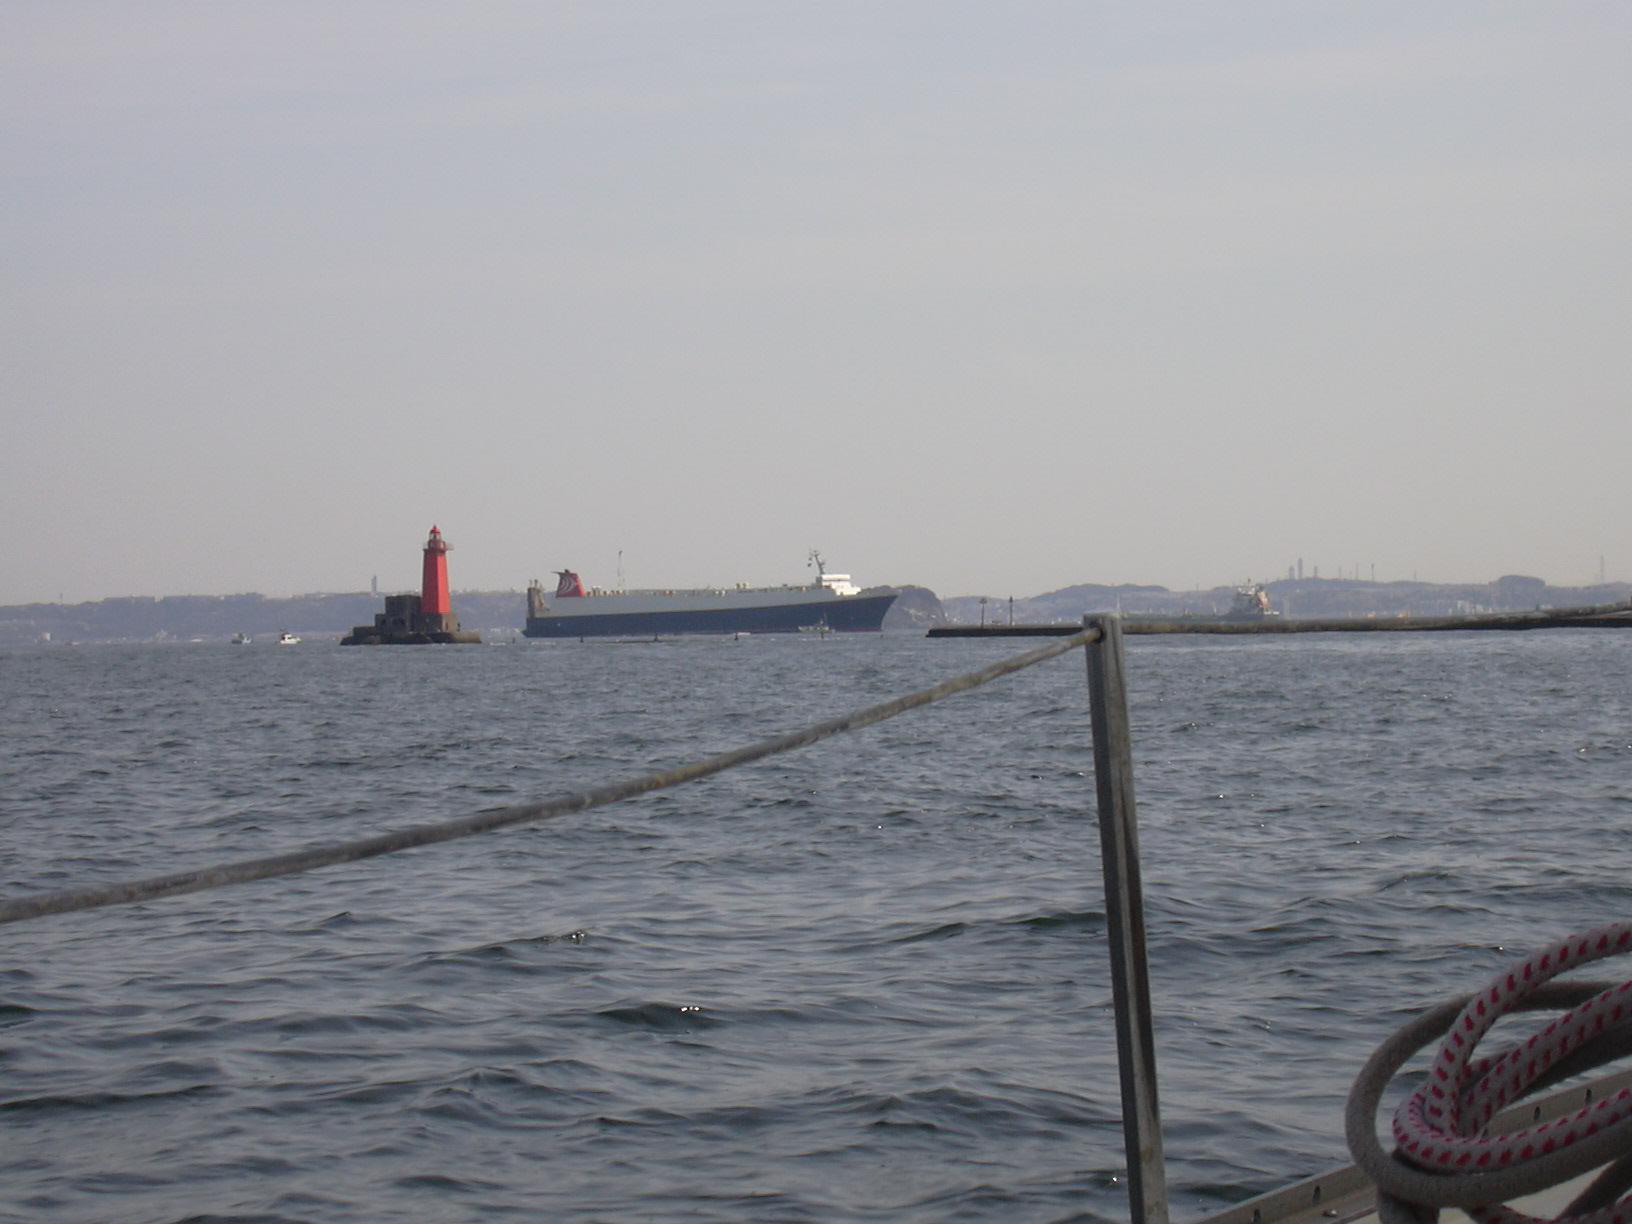 横須賀入口付近..この先には自衛艦・米軍艦が停泊中